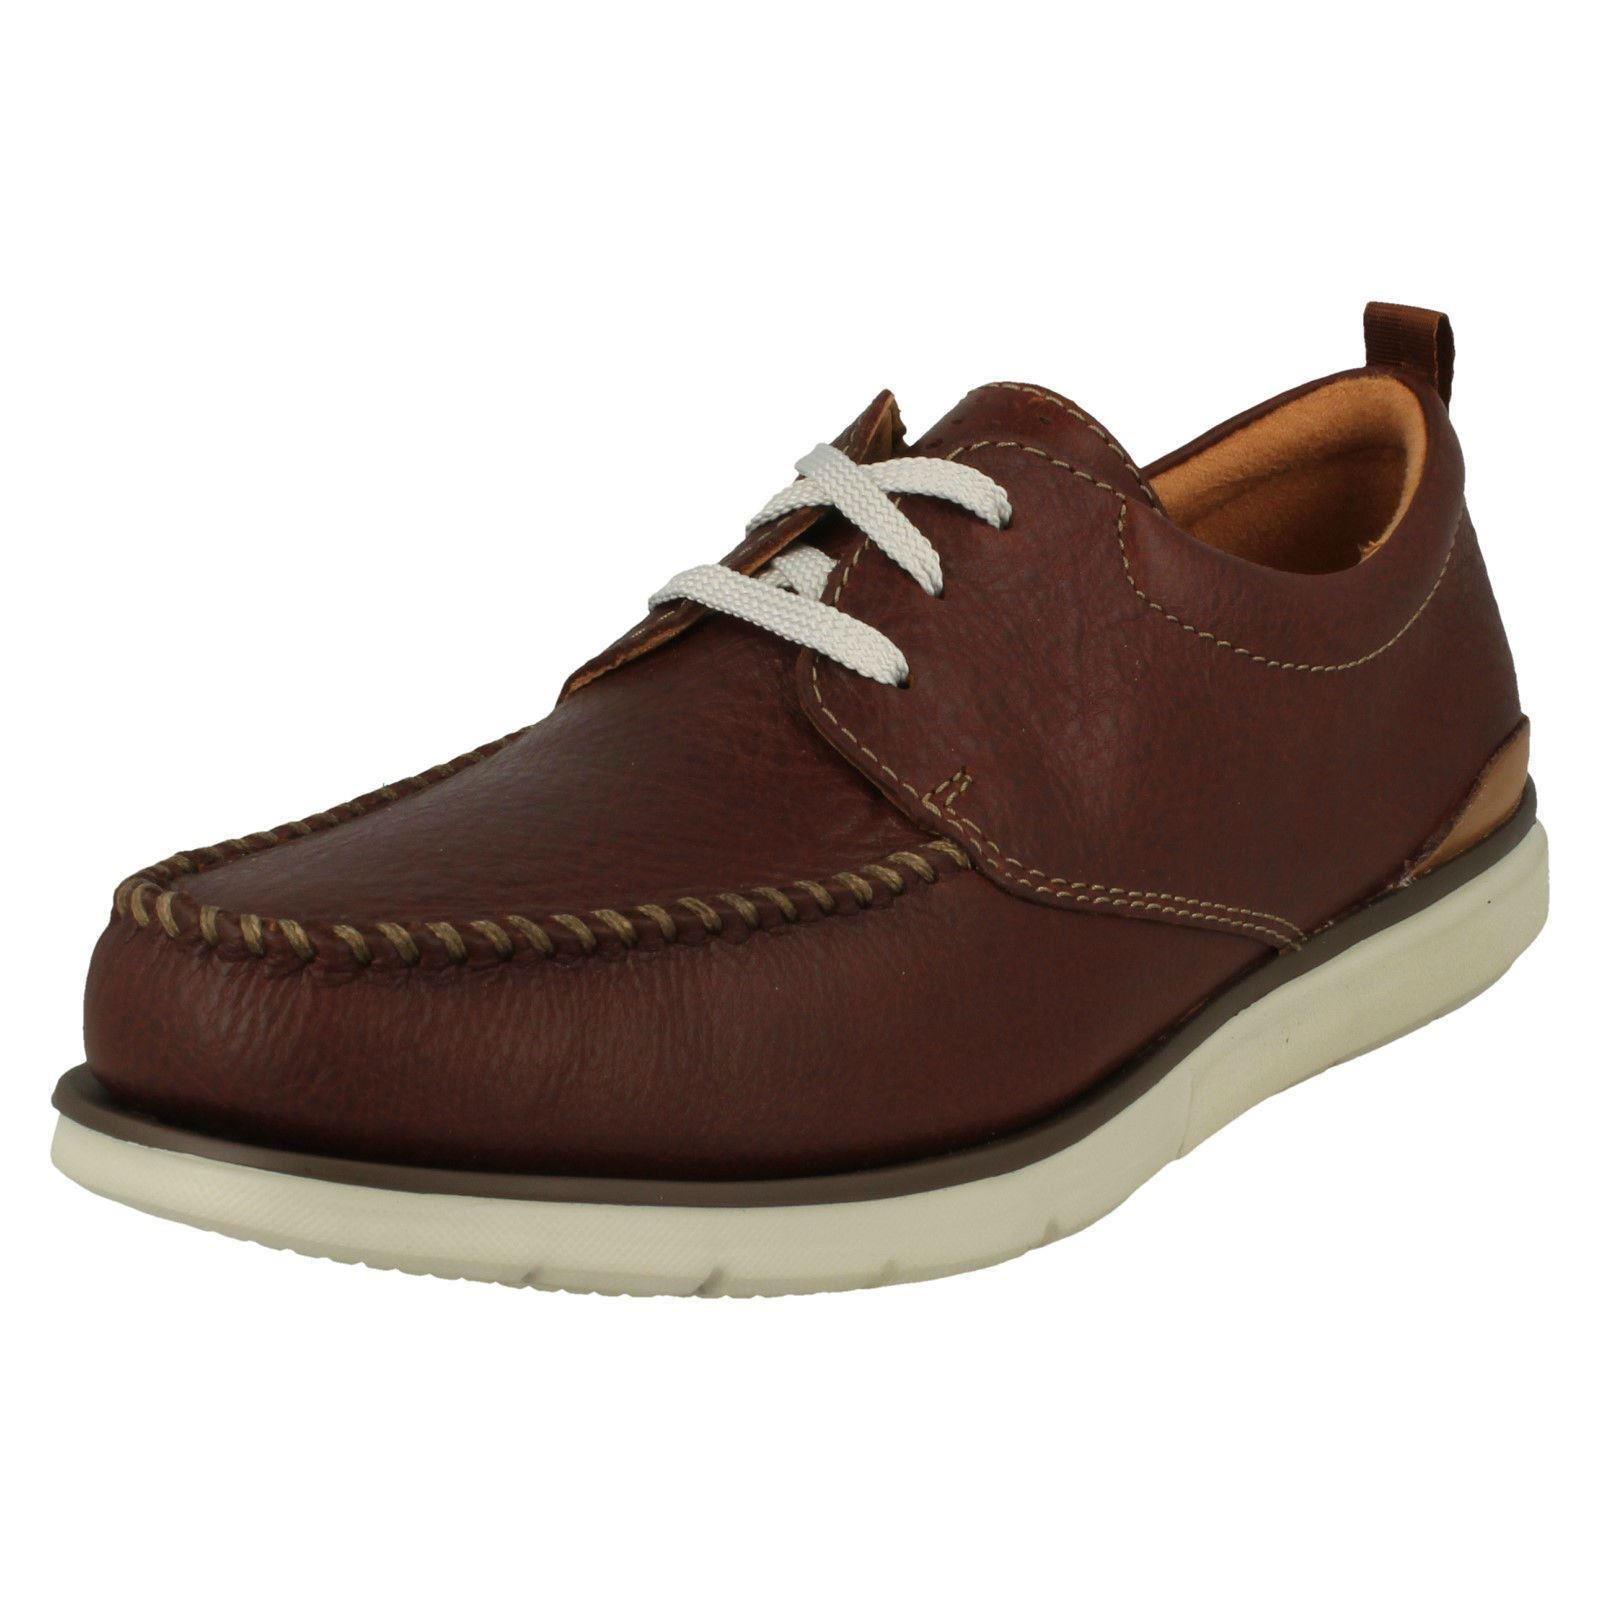 Clarks Cordones Hombre CAOBA Cuero Casual Con Cordones Clarks cotidiano Zapatos Talla EDGEWOOD d30596